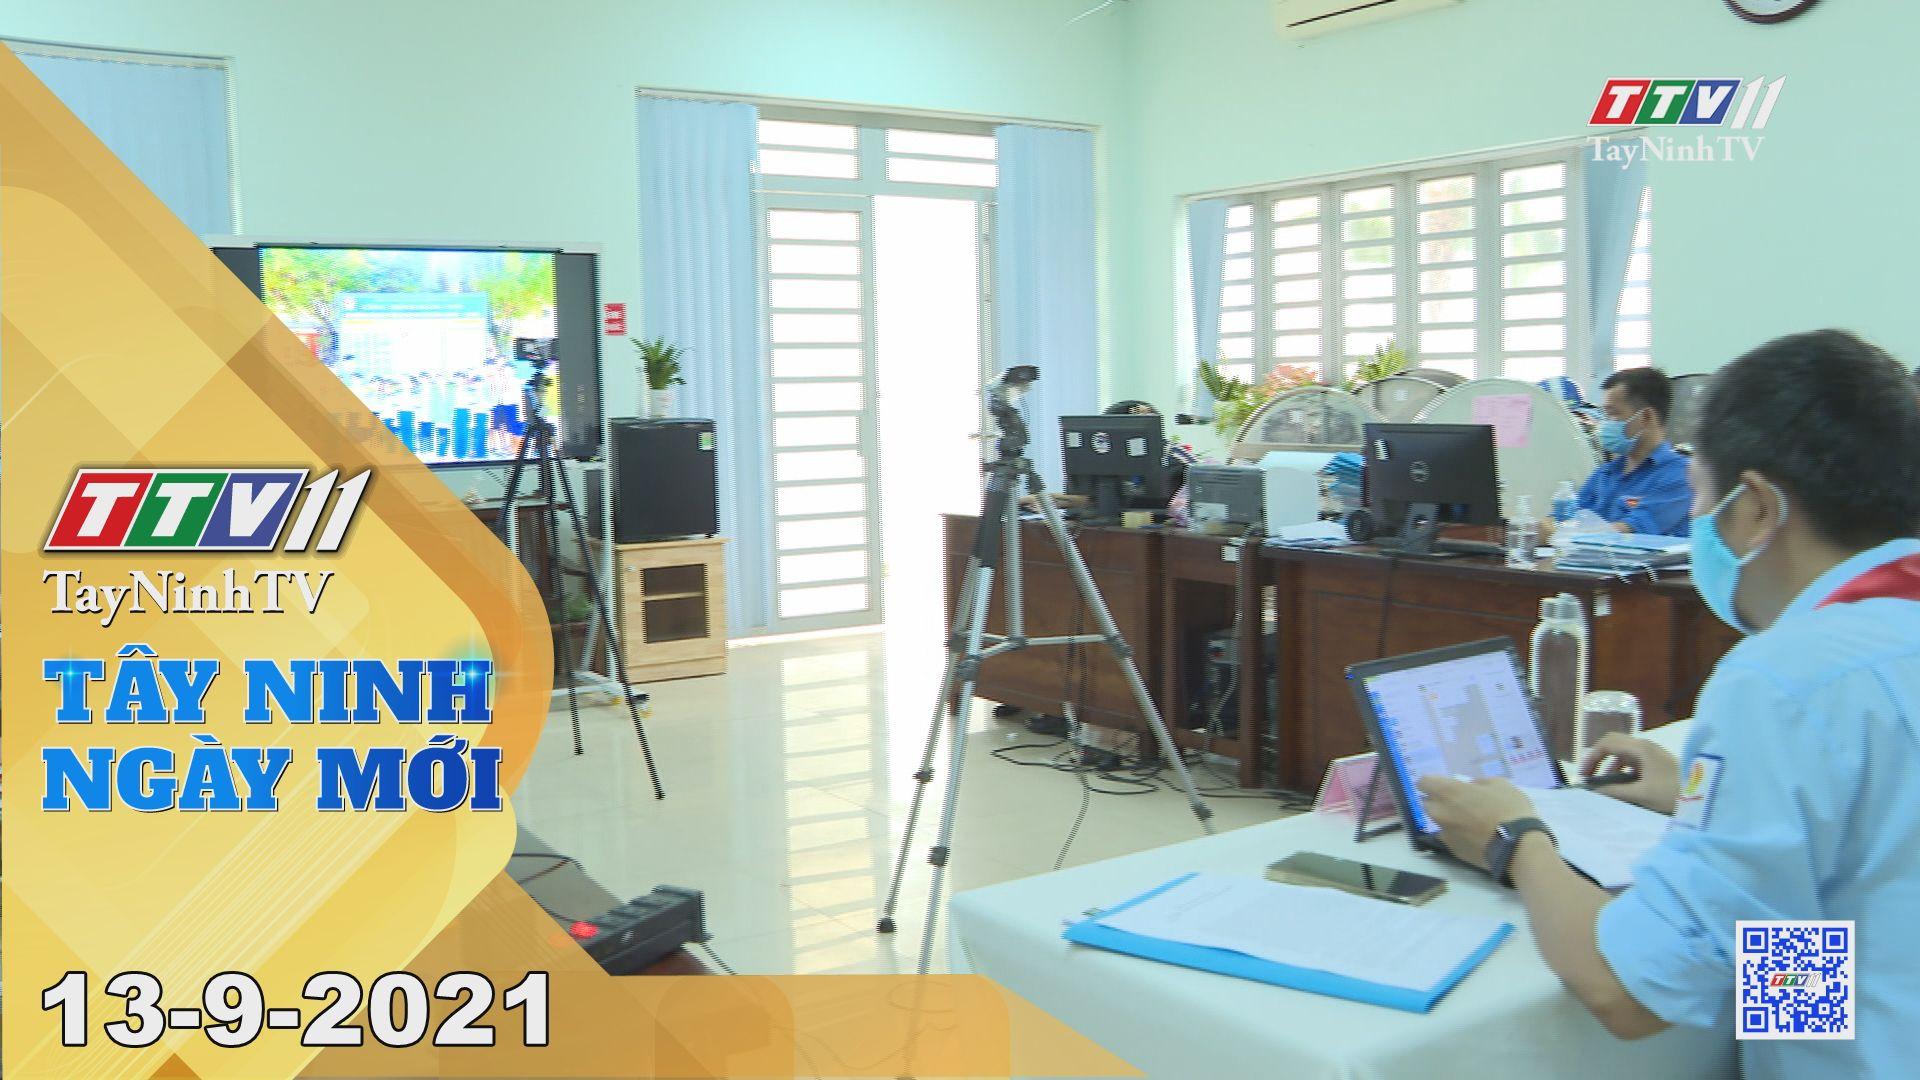 Tây Ninh Ngày Mới 13-9-2021 | Tin tức hôm nay | TayNinhTV